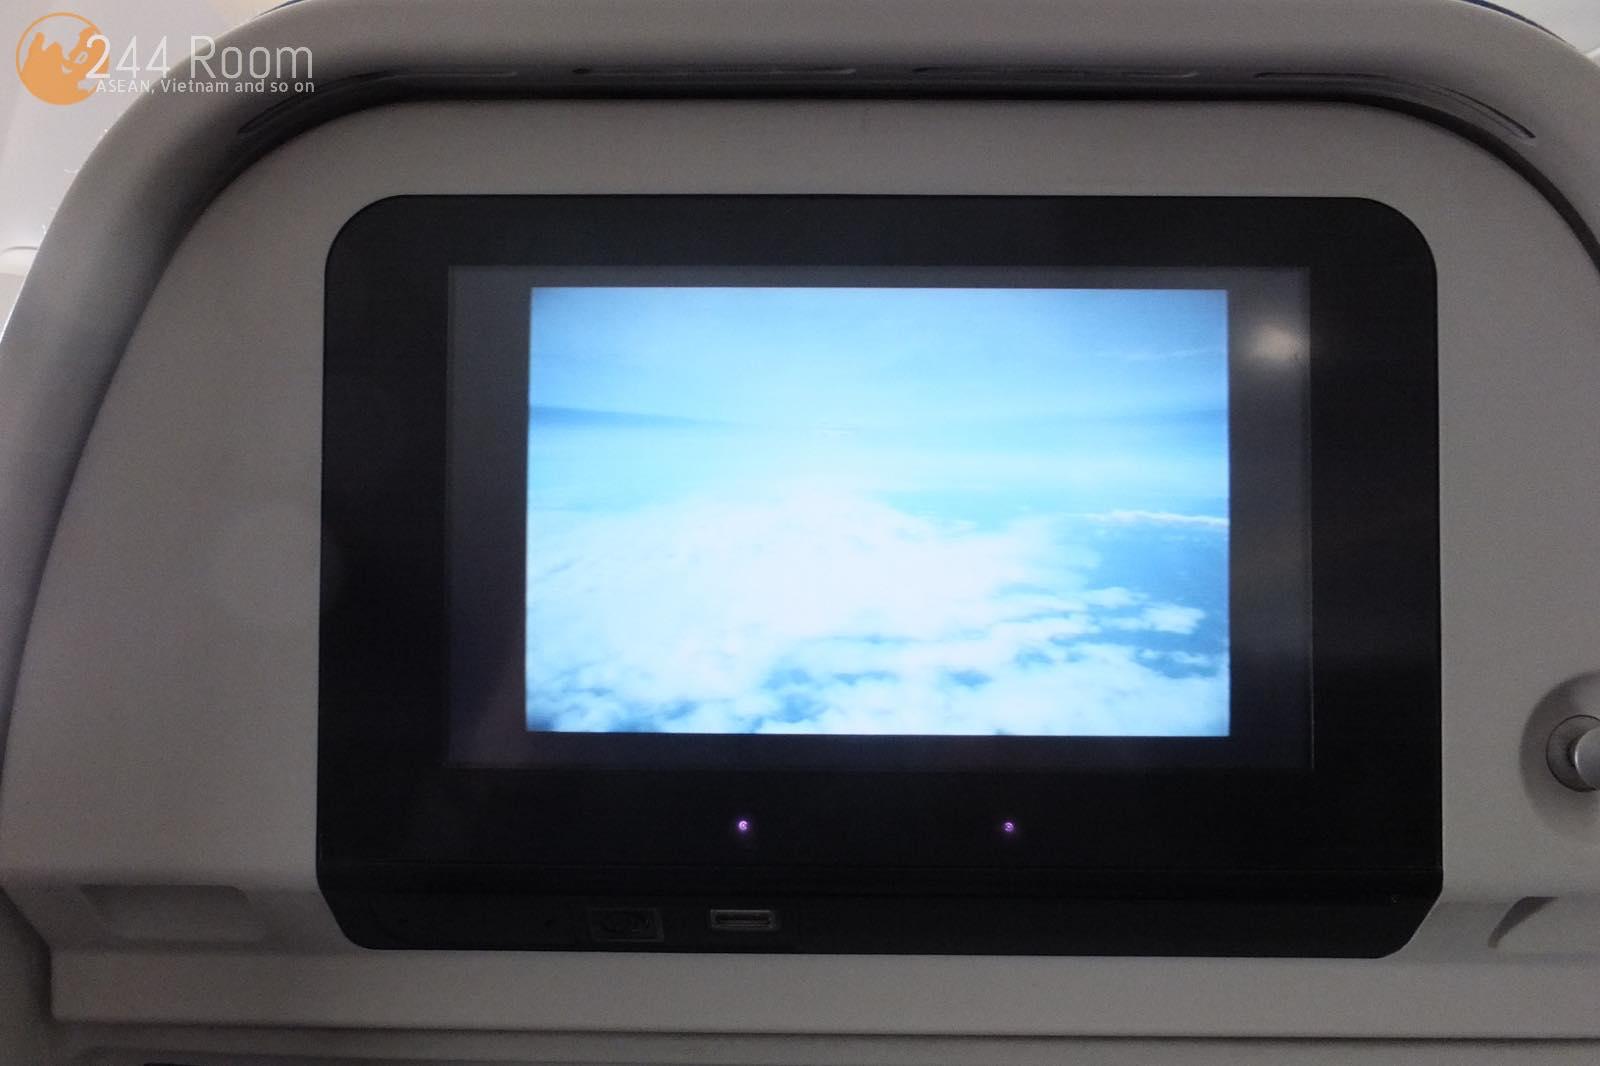 キャセイパシフィックエコノミー個人画面 CX-Economy-personal-monitor